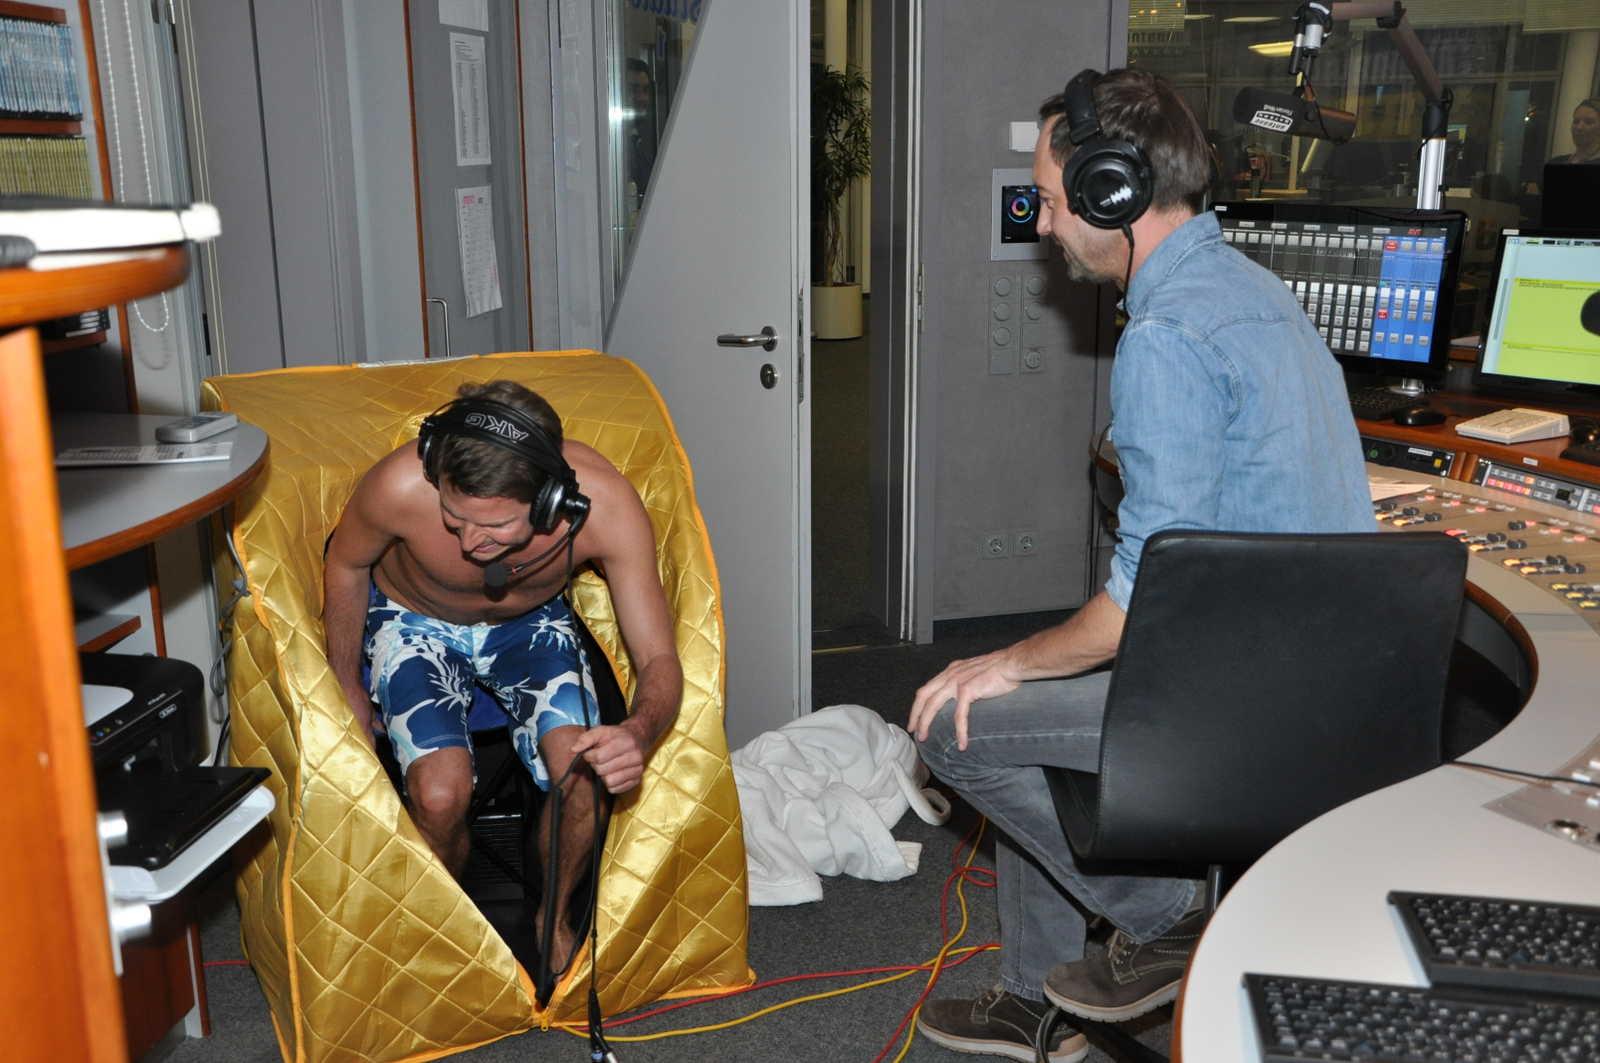 live aus der mobilen sauna florian weiss schwitzt in der stefan meixner show antenne bayern. Black Bedroom Furniture Sets. Home Design Ideas